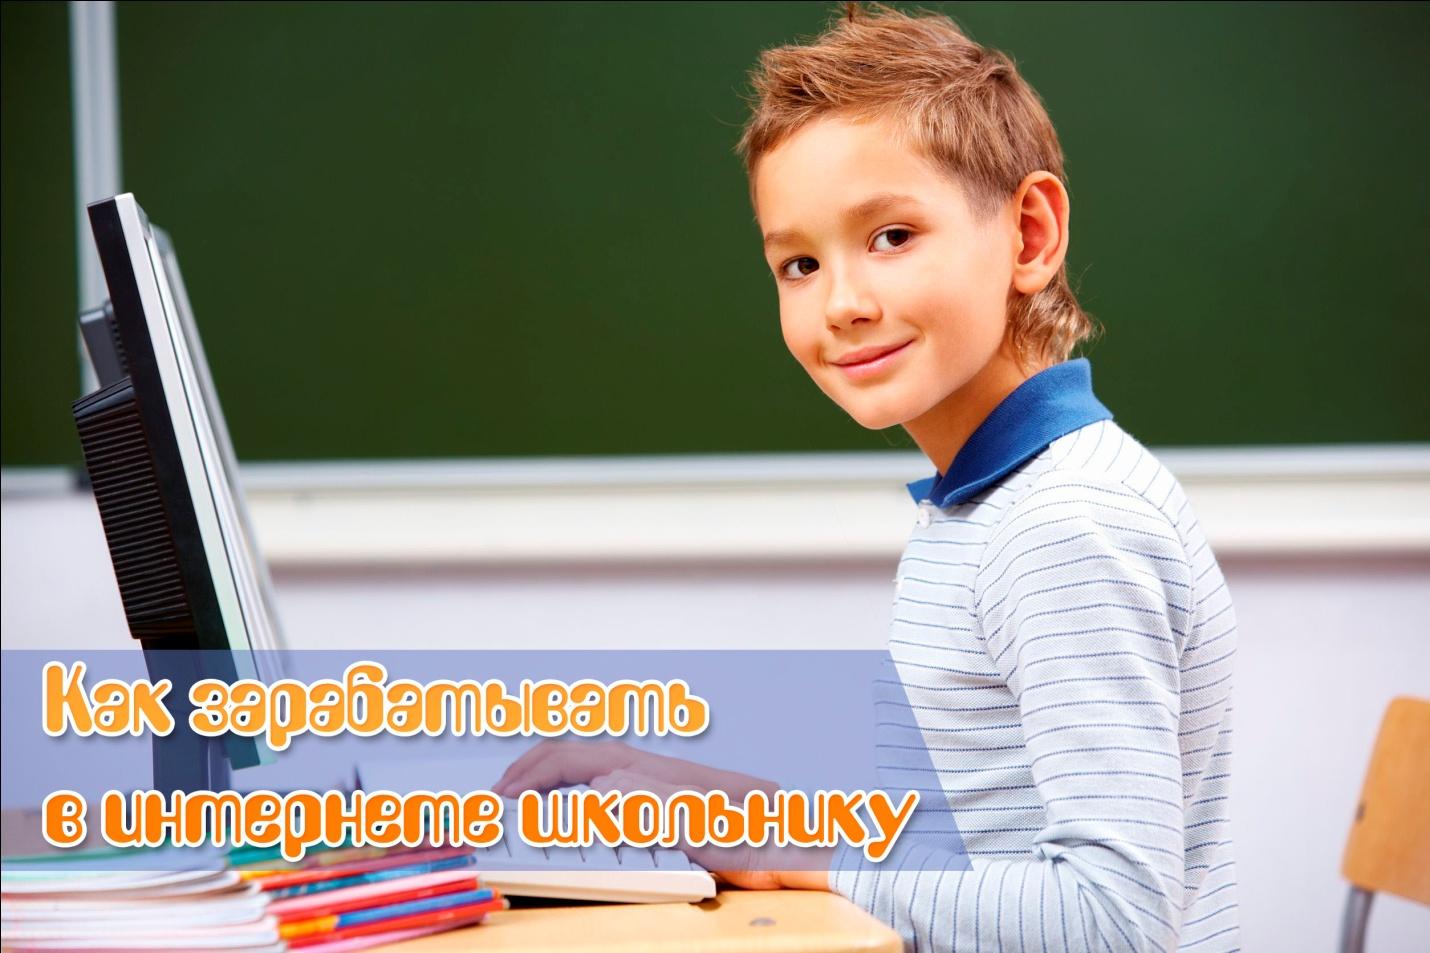 заработать в интернете школьнику предложения